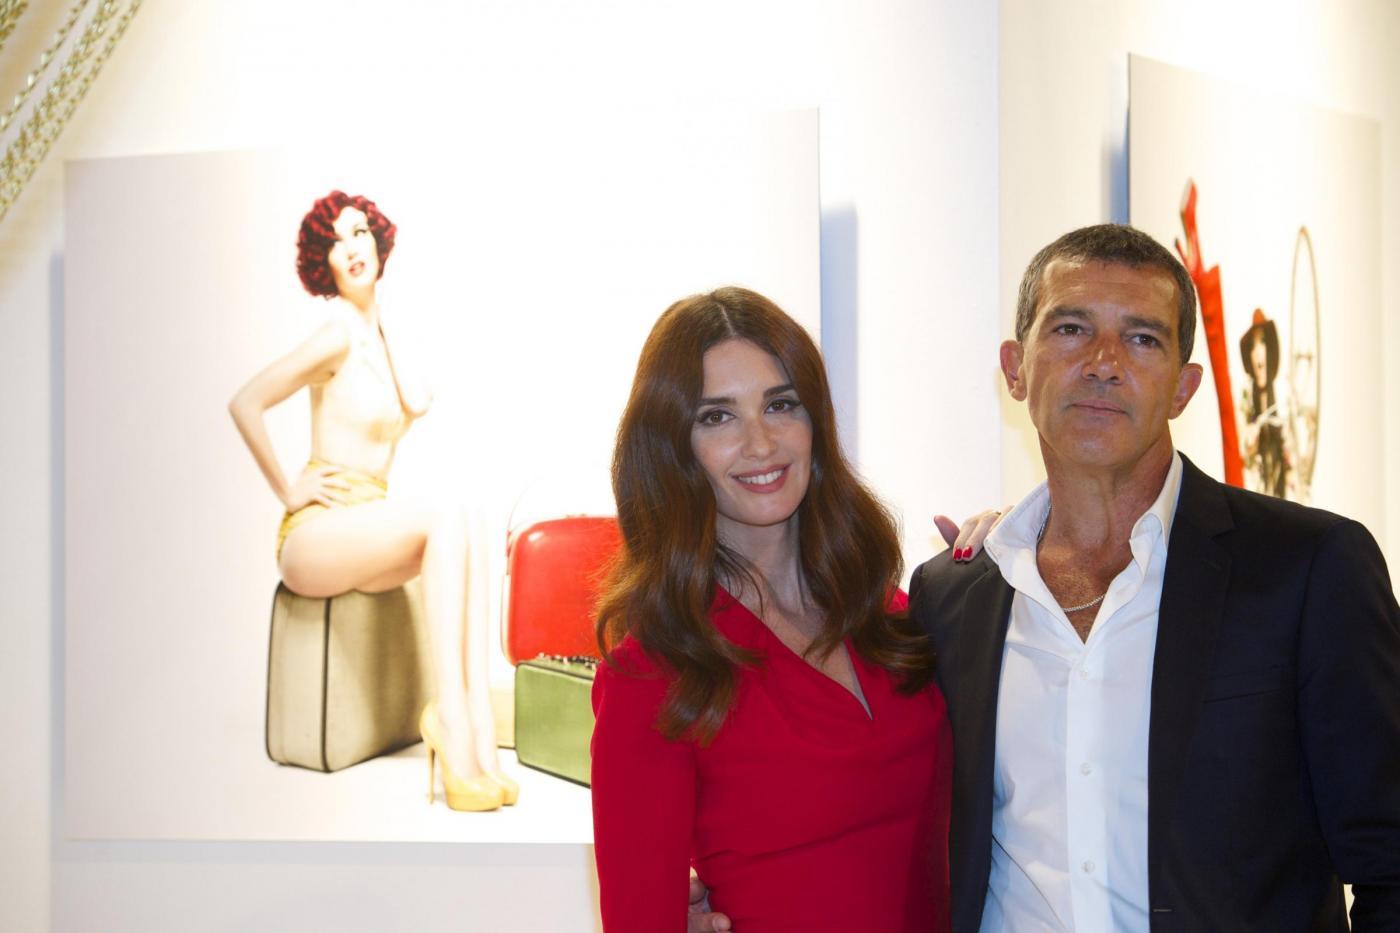 Antonio Banderas presenta il suo profumo di donna insieme a Paz Vega02